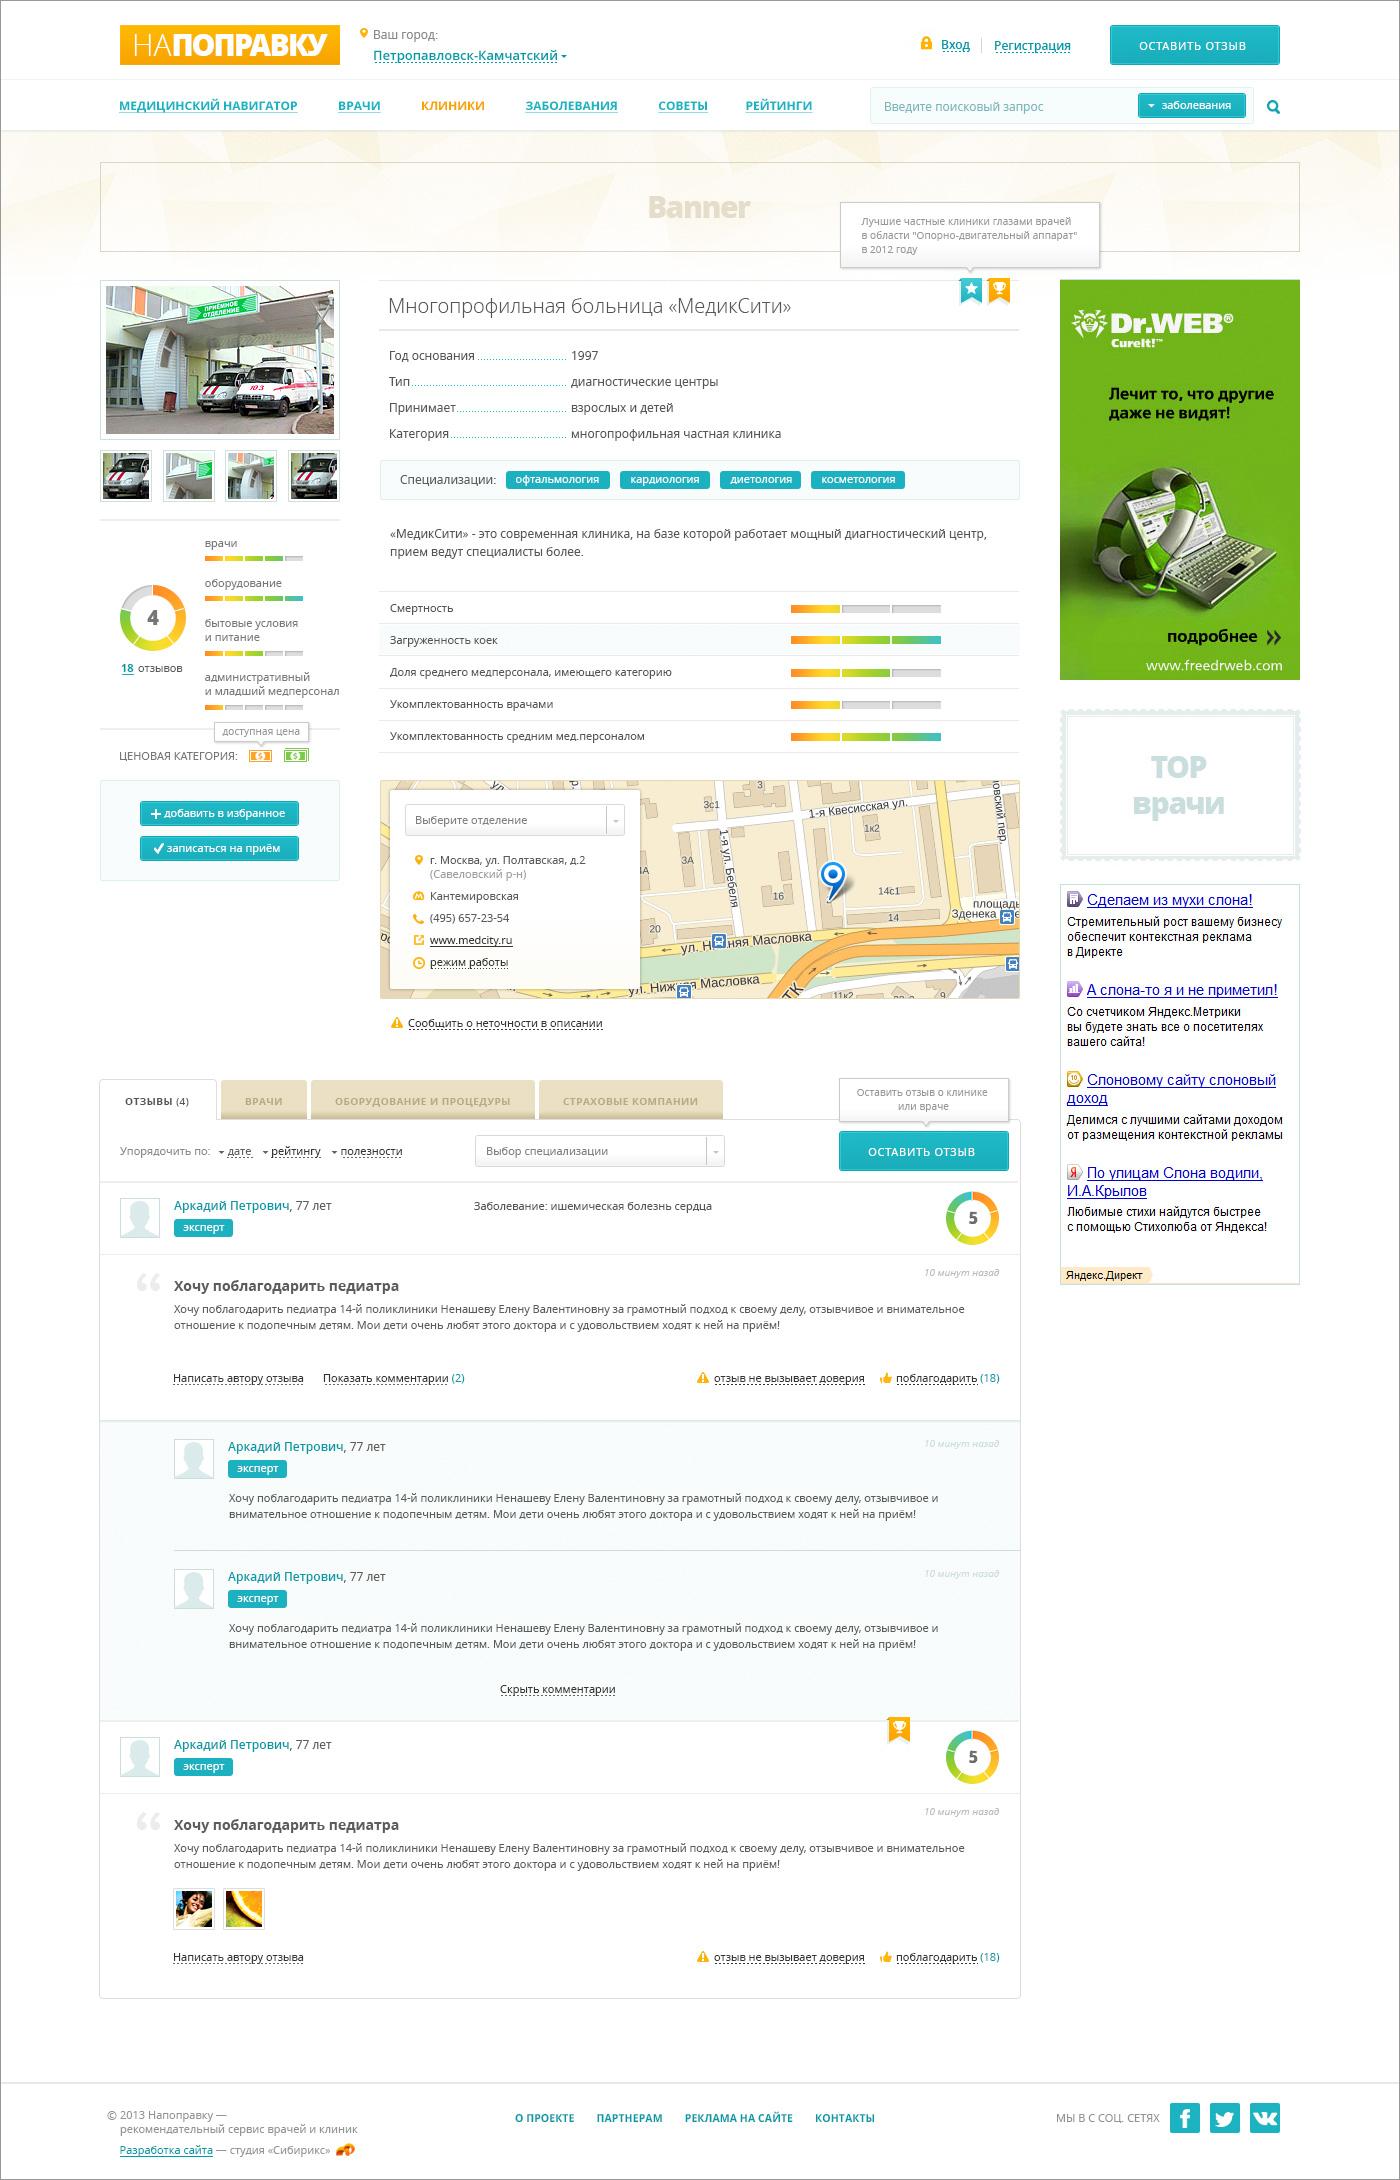 <p><b>Карточка клиники</b></p><p>Напоправку.ру имеет свою систему бейджей, они выдаются заопределенные заслуги.</p>